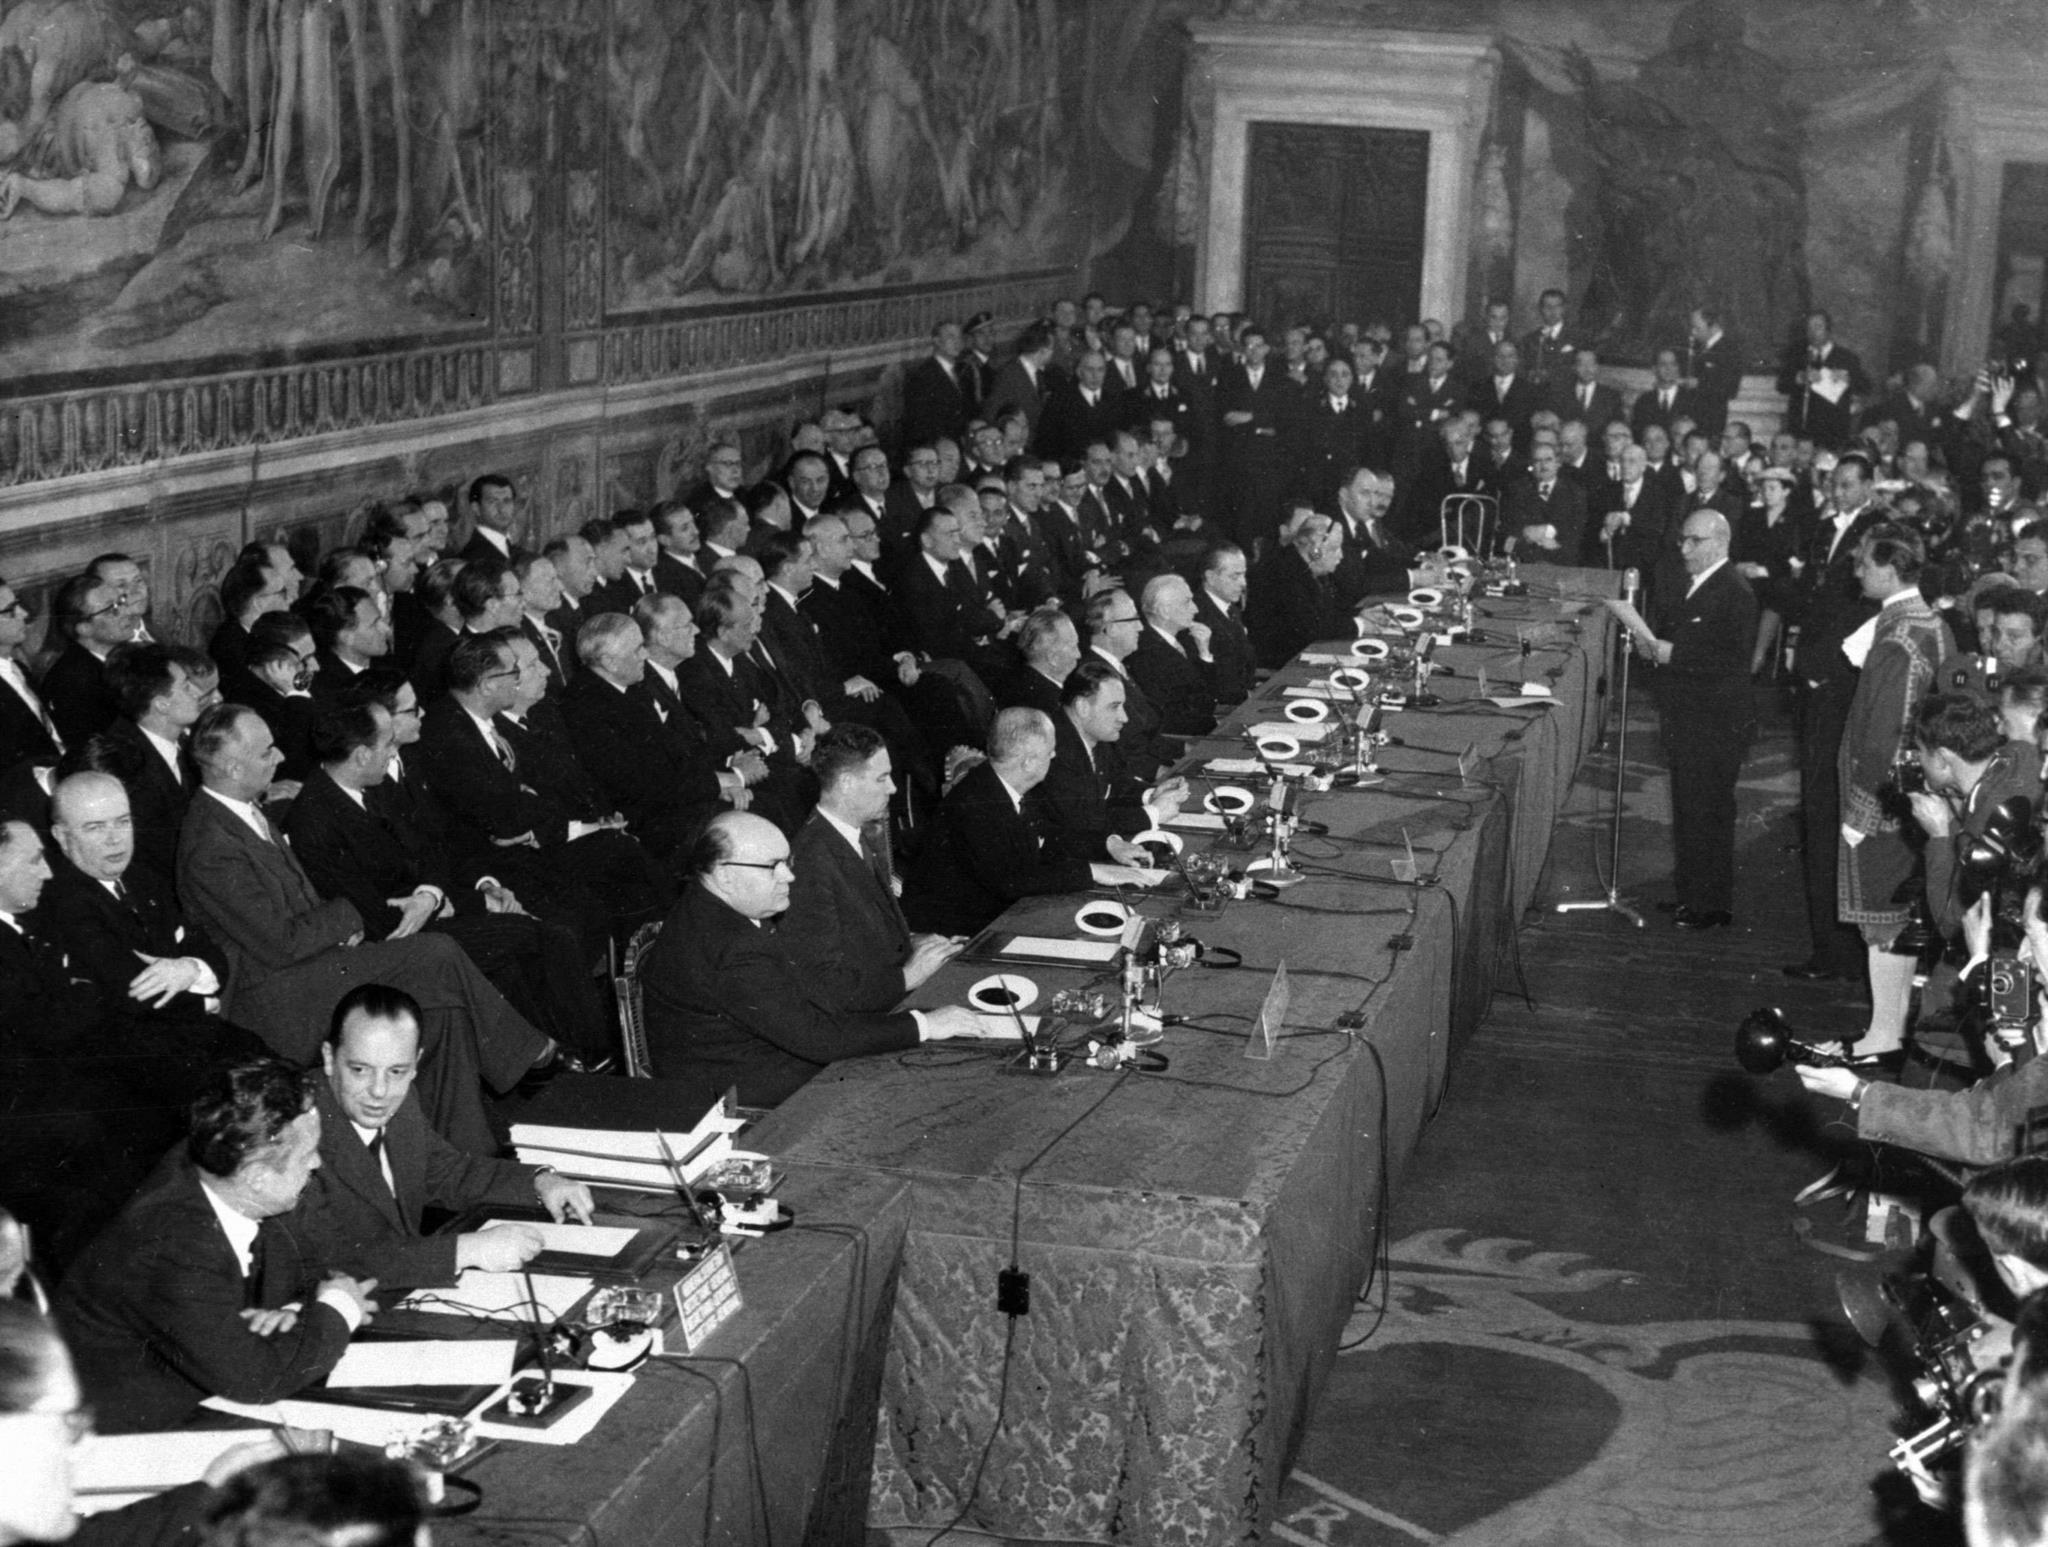 Umberto Tupini, presidente da câmara de Roma, dirigindo-se aos delegados de seis países europeus (França, Alemanha, Itália, Bélgica, Holanda e Luxemburgo)